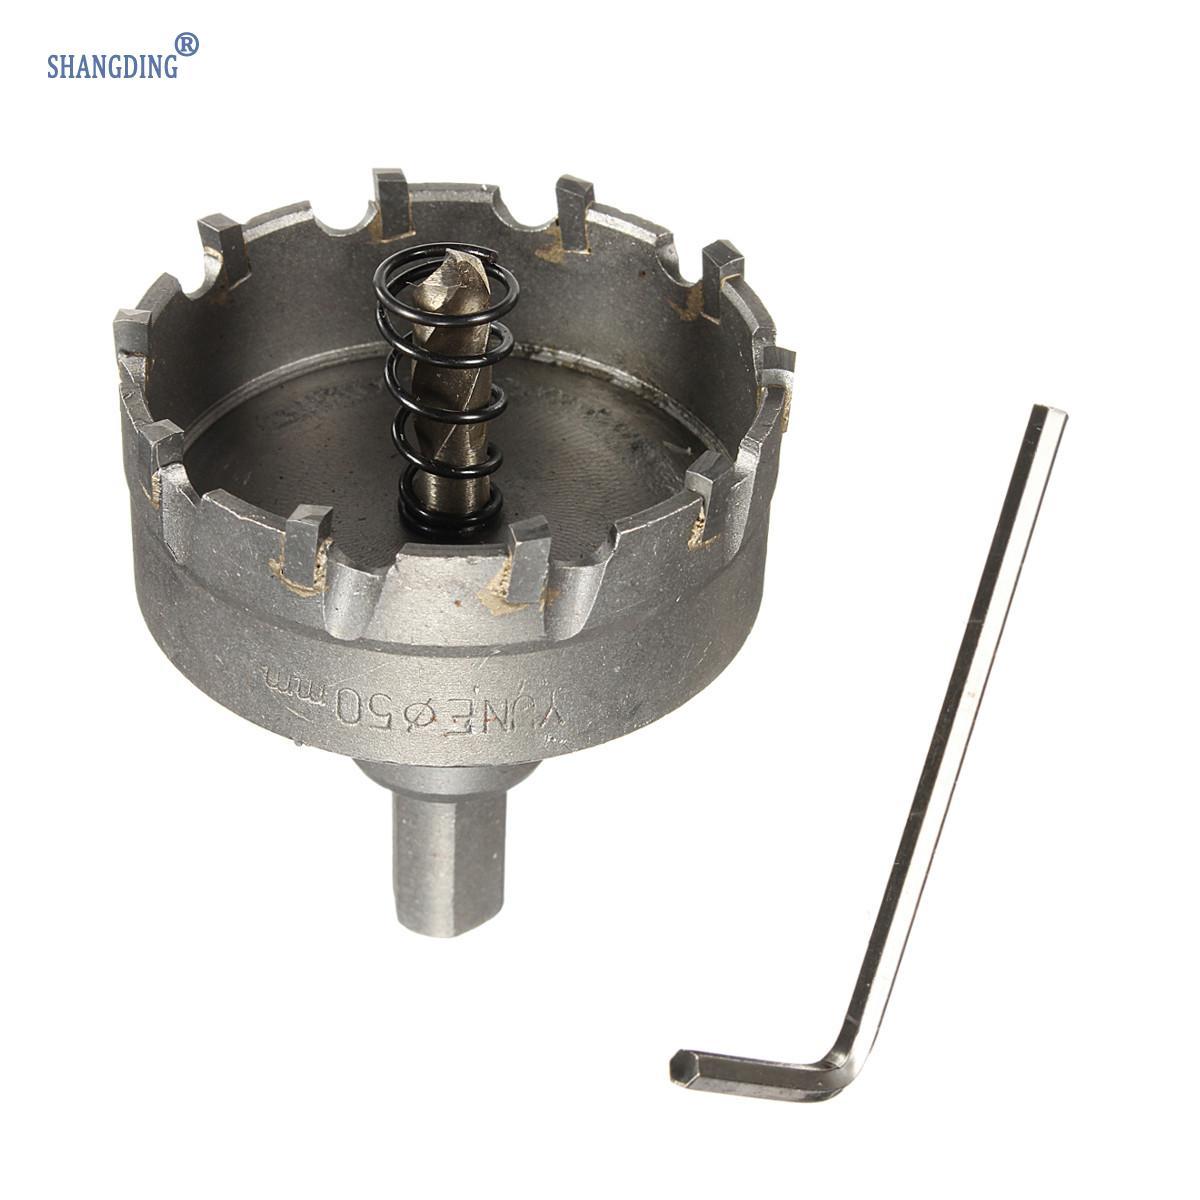 1 Set 48mm Carbide Tip TCT Boor Metalen Gatenzaag met Spanner - Boor - Foto 5